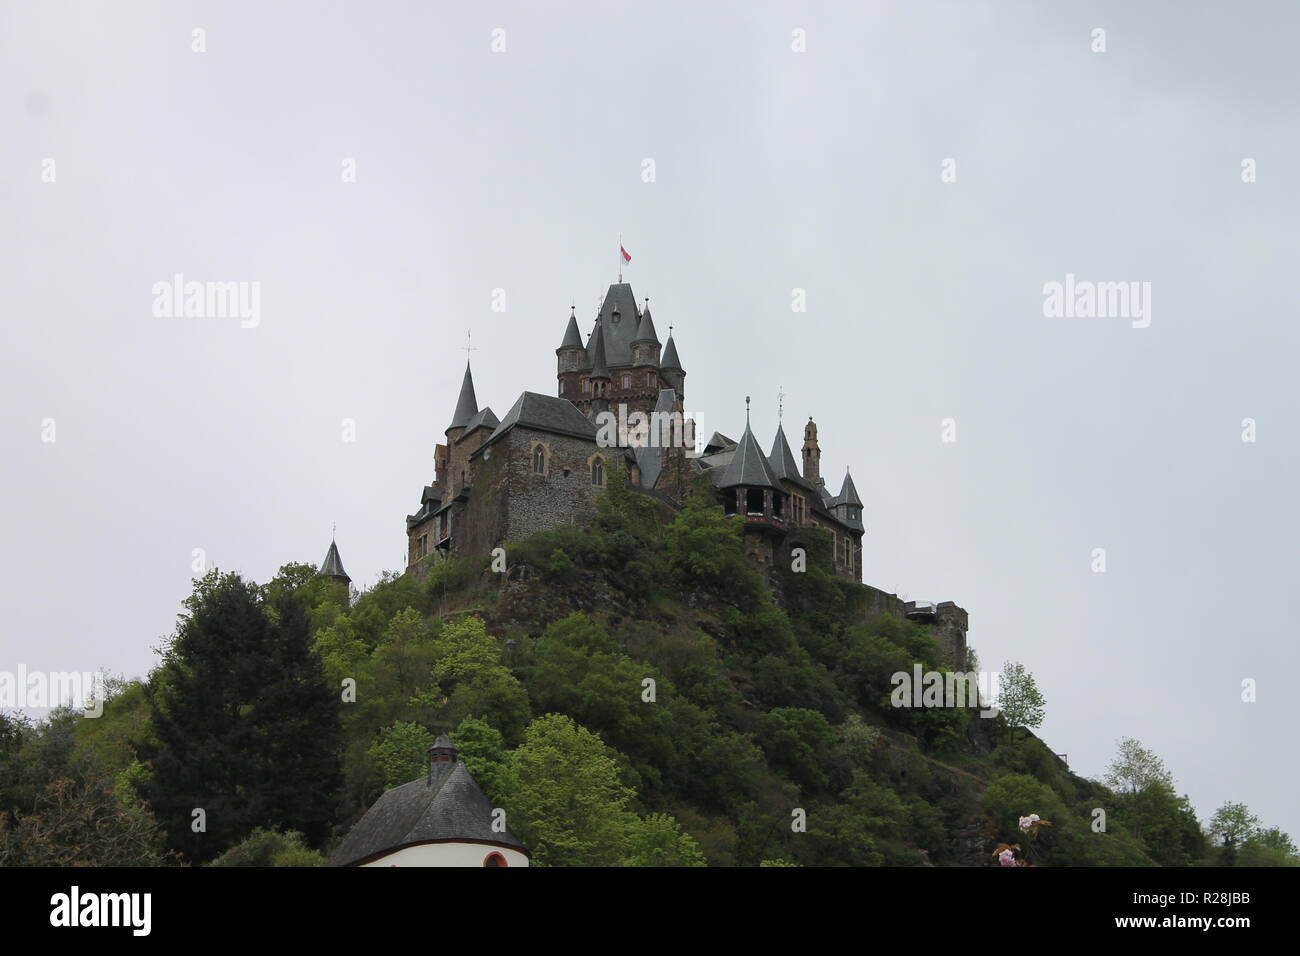 Die Reichsburg Cochem ist eine Burganlage in der rheinland-pfälzischen Stadt Cochem an der Mosel. - Stock Image